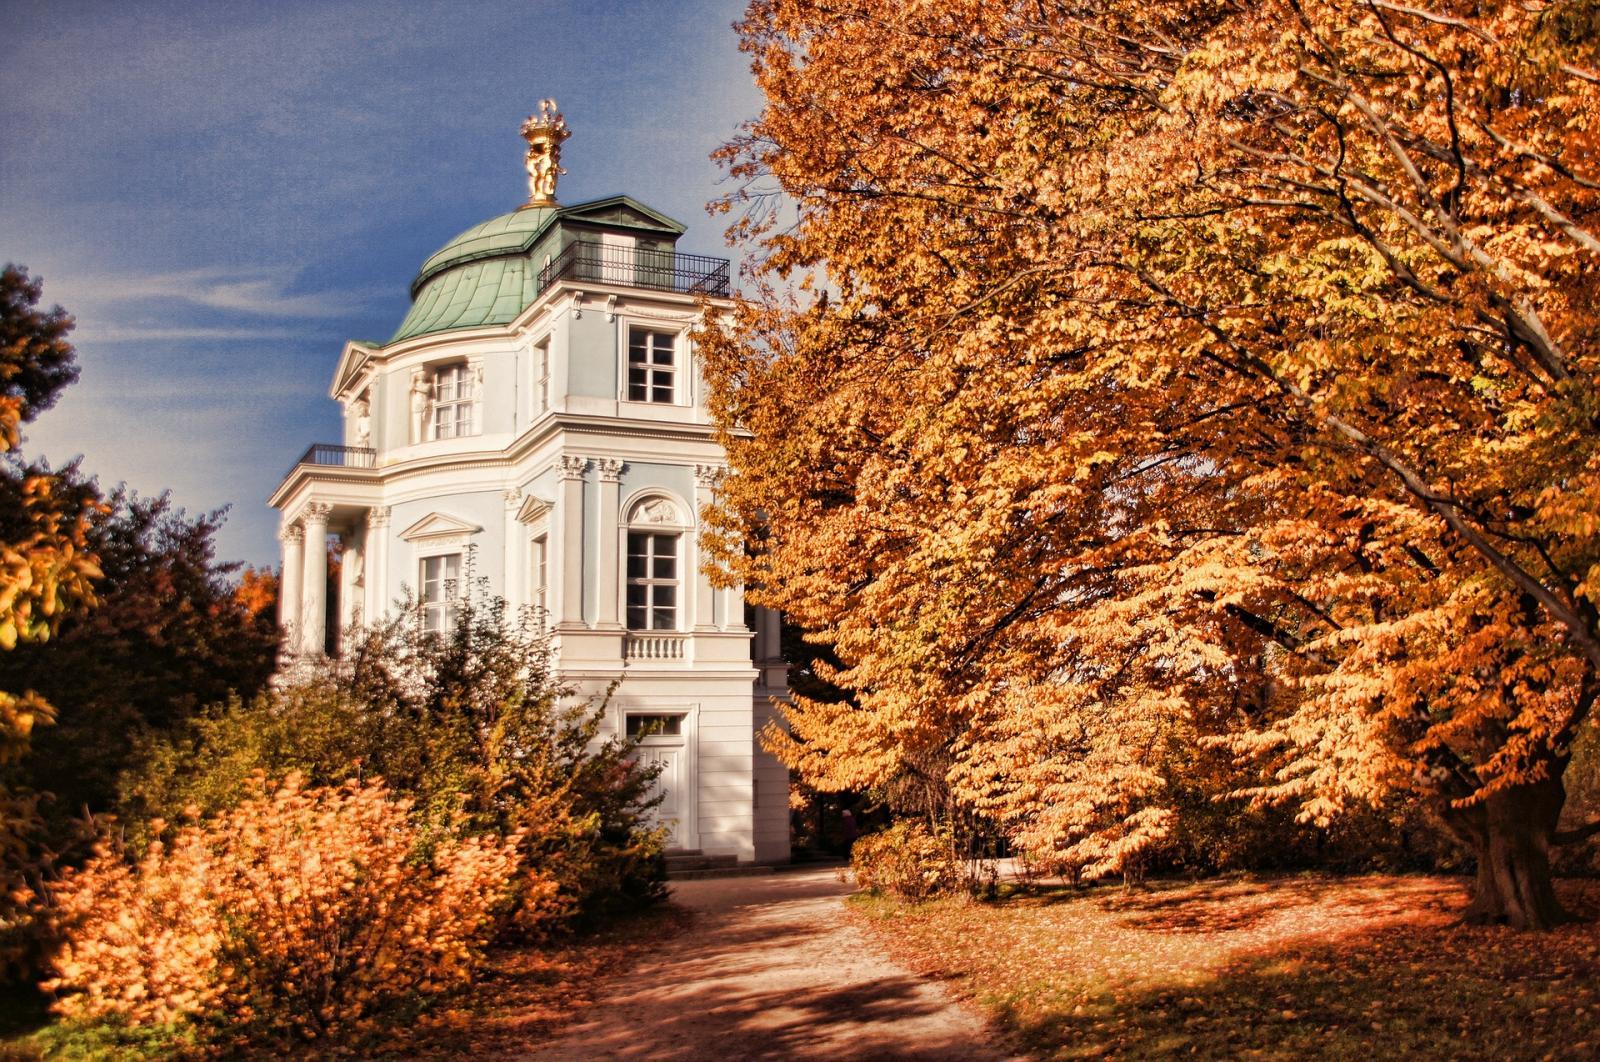 schlosspark-charlottenburg-1053052_1920